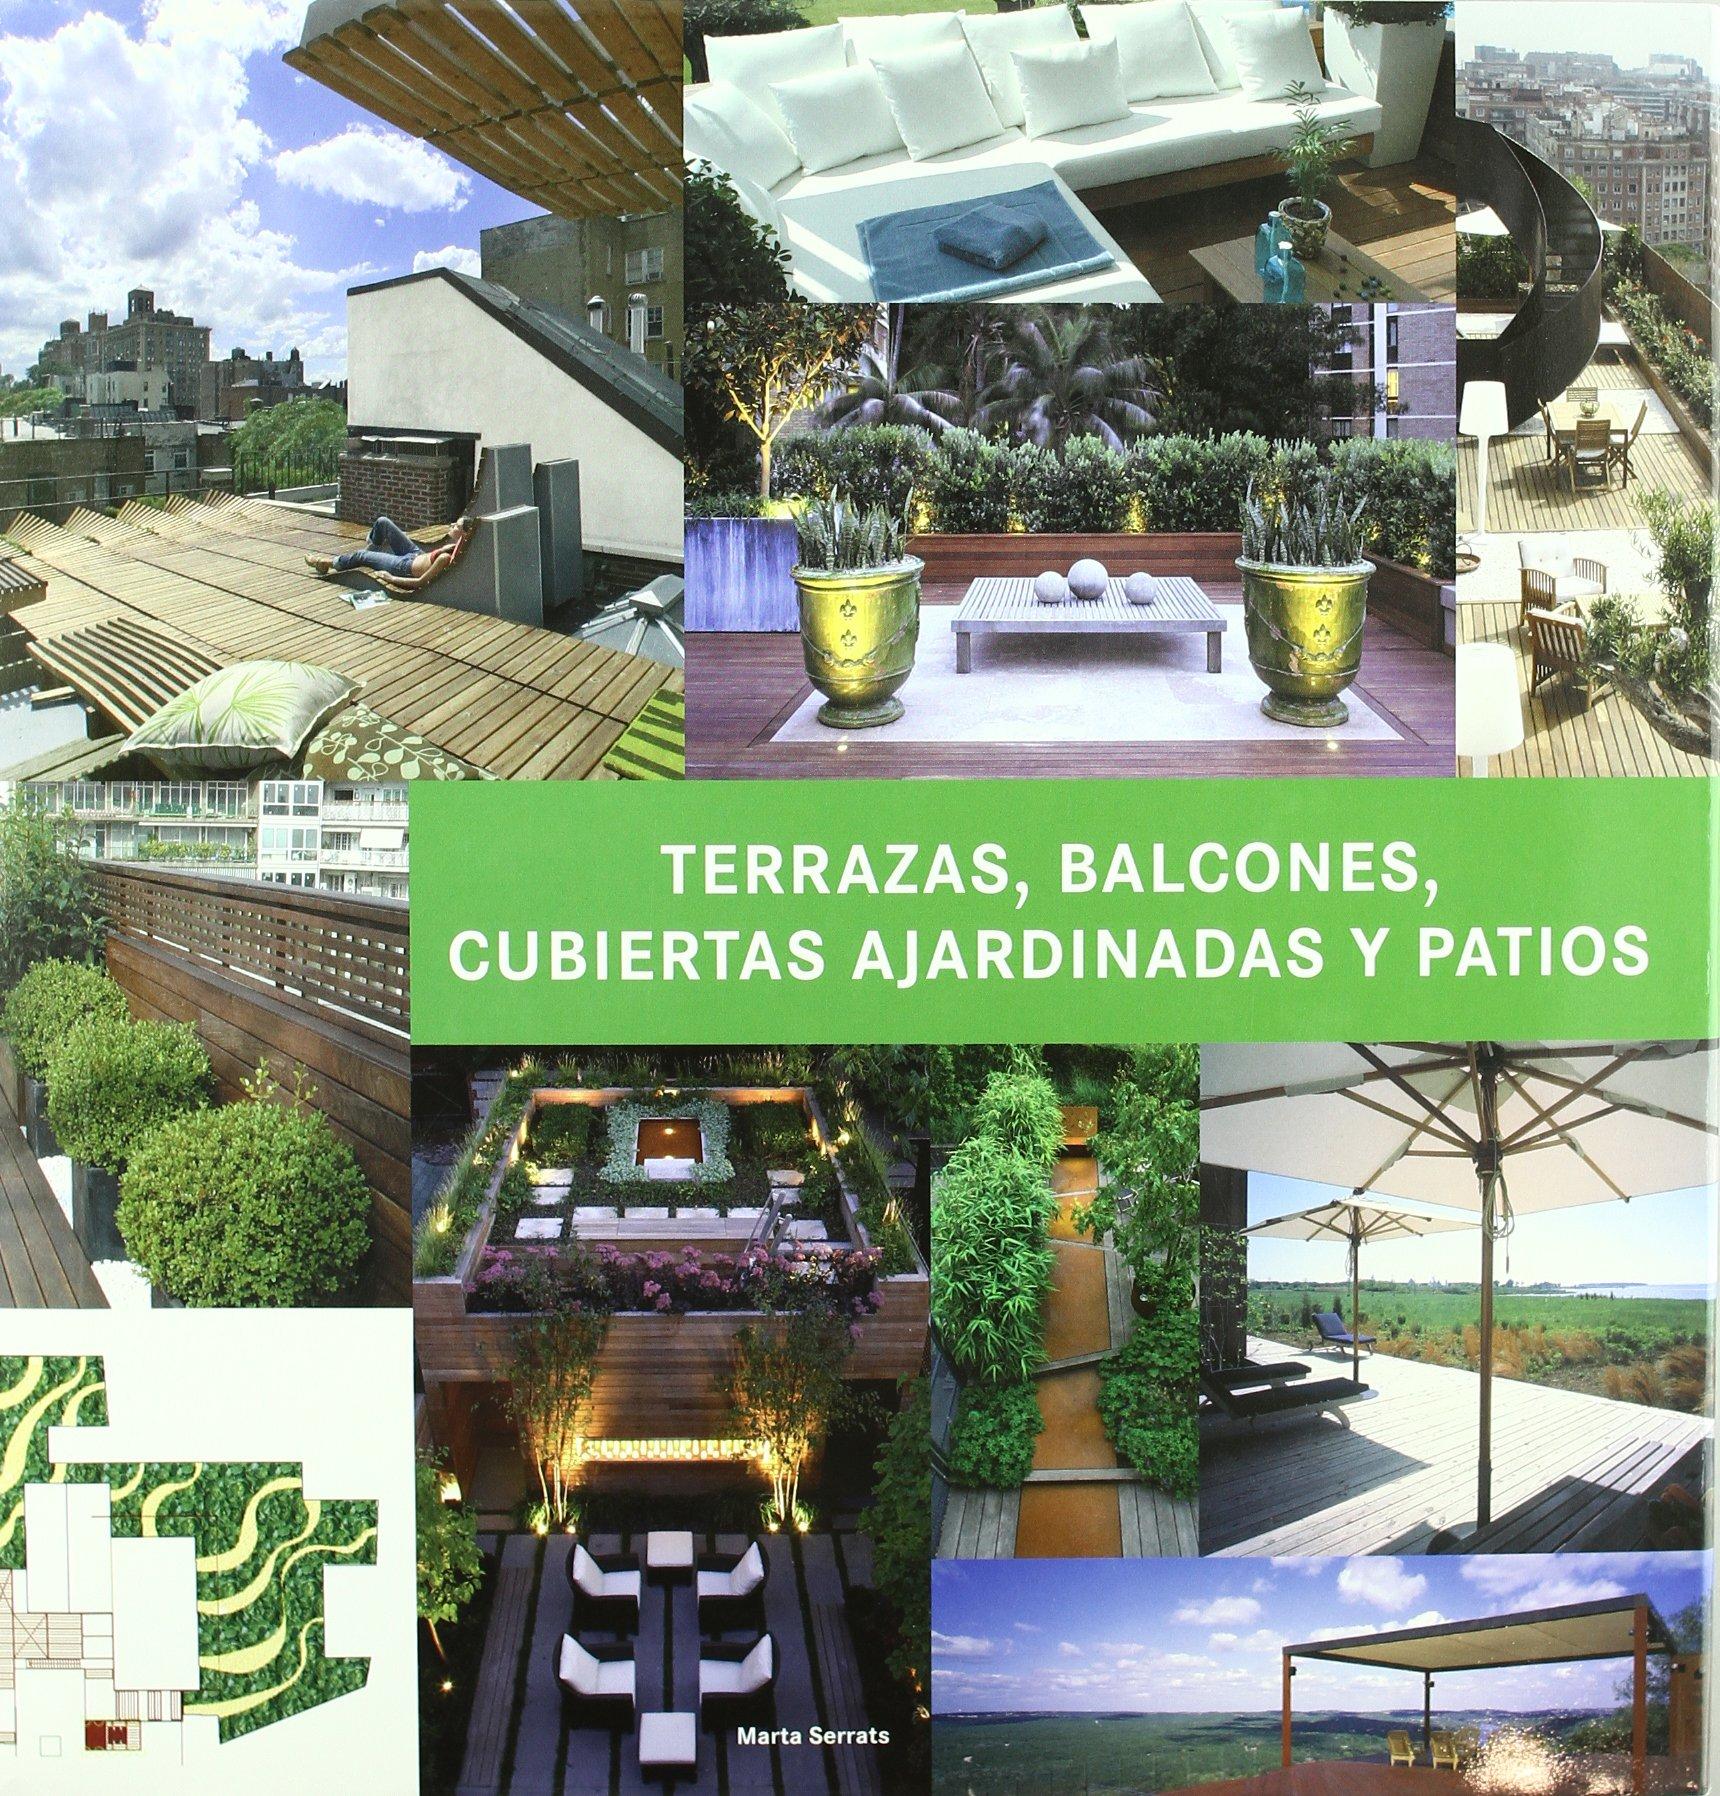 Terrazas Balcones Cubiertas Ajardinadas Y Patios Terraces - Cubiertas-de-terrazas